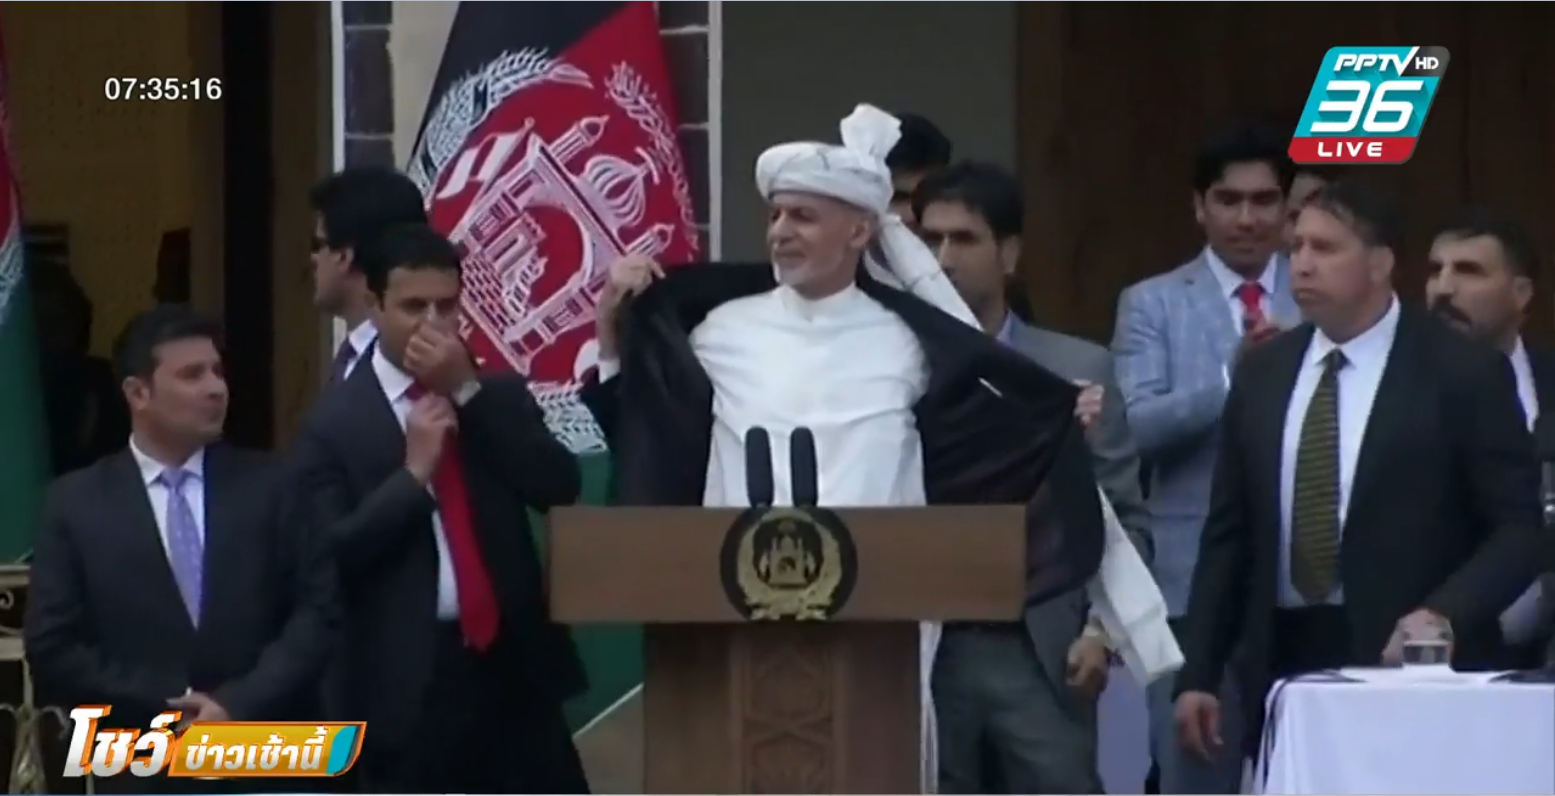 ผู้นำอัฟกานิสถาน สาบานตน ท่ามกลางเสียงจรวด-ระเบิด ก่อนเปิดเสื้อโชว์ ว่าไม่เป็นไร